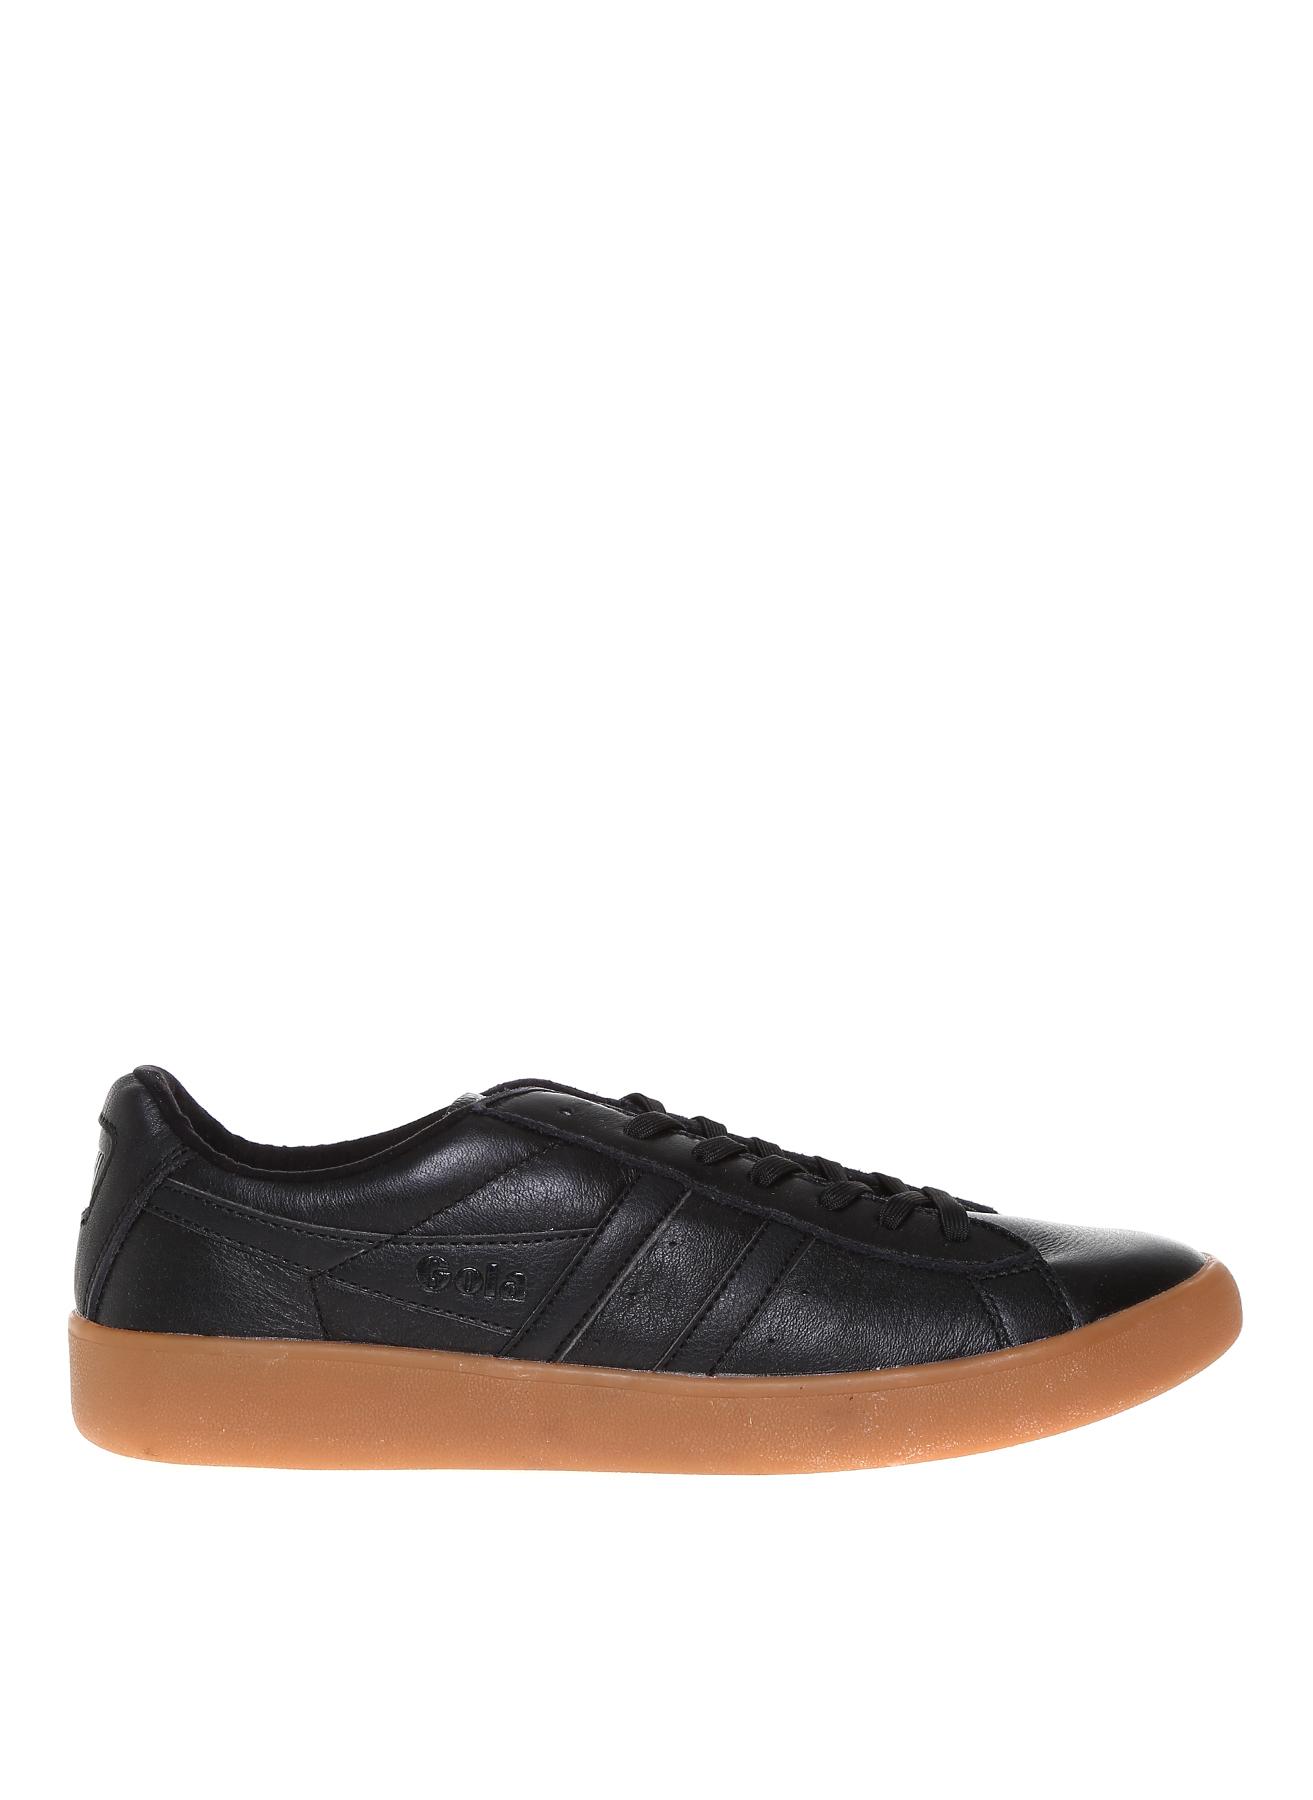 Gola Lifestyle Ayakkabı 45 5002362418005 Ürün Resmi